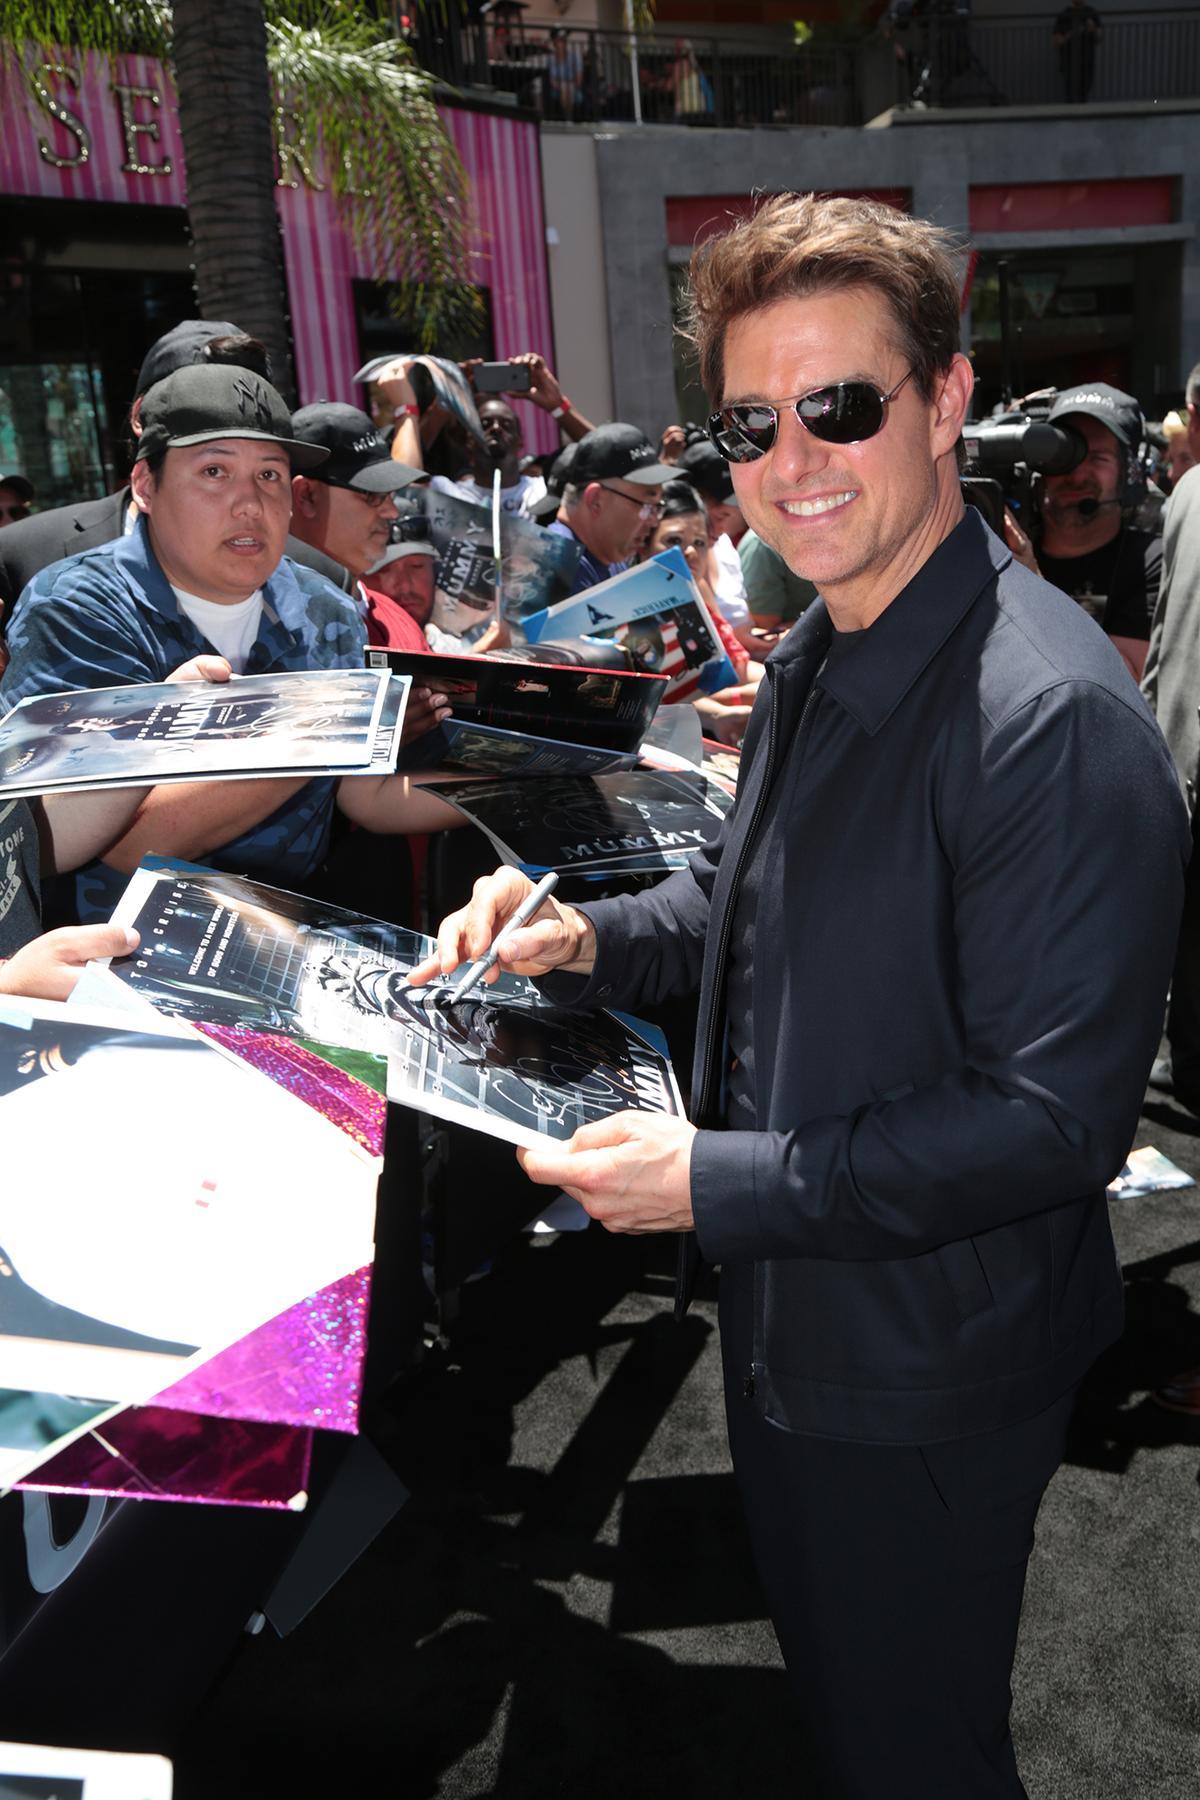 湯姆克魯斯替旁觀活動的民眾簽名。